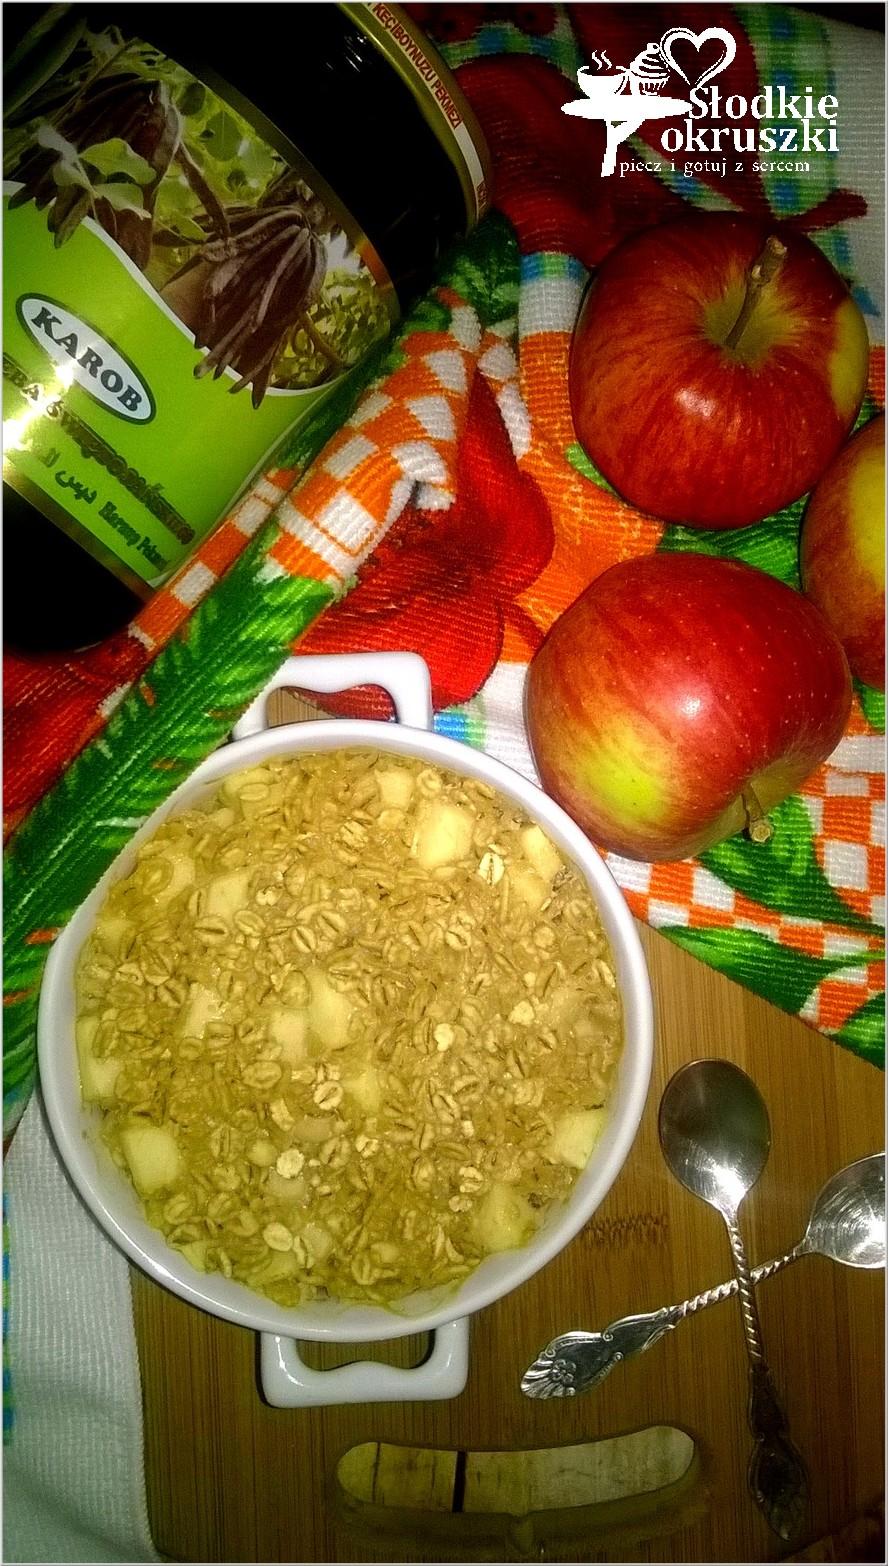 Zapiekane płatki jęczmienne z jabłkiem i melasą.